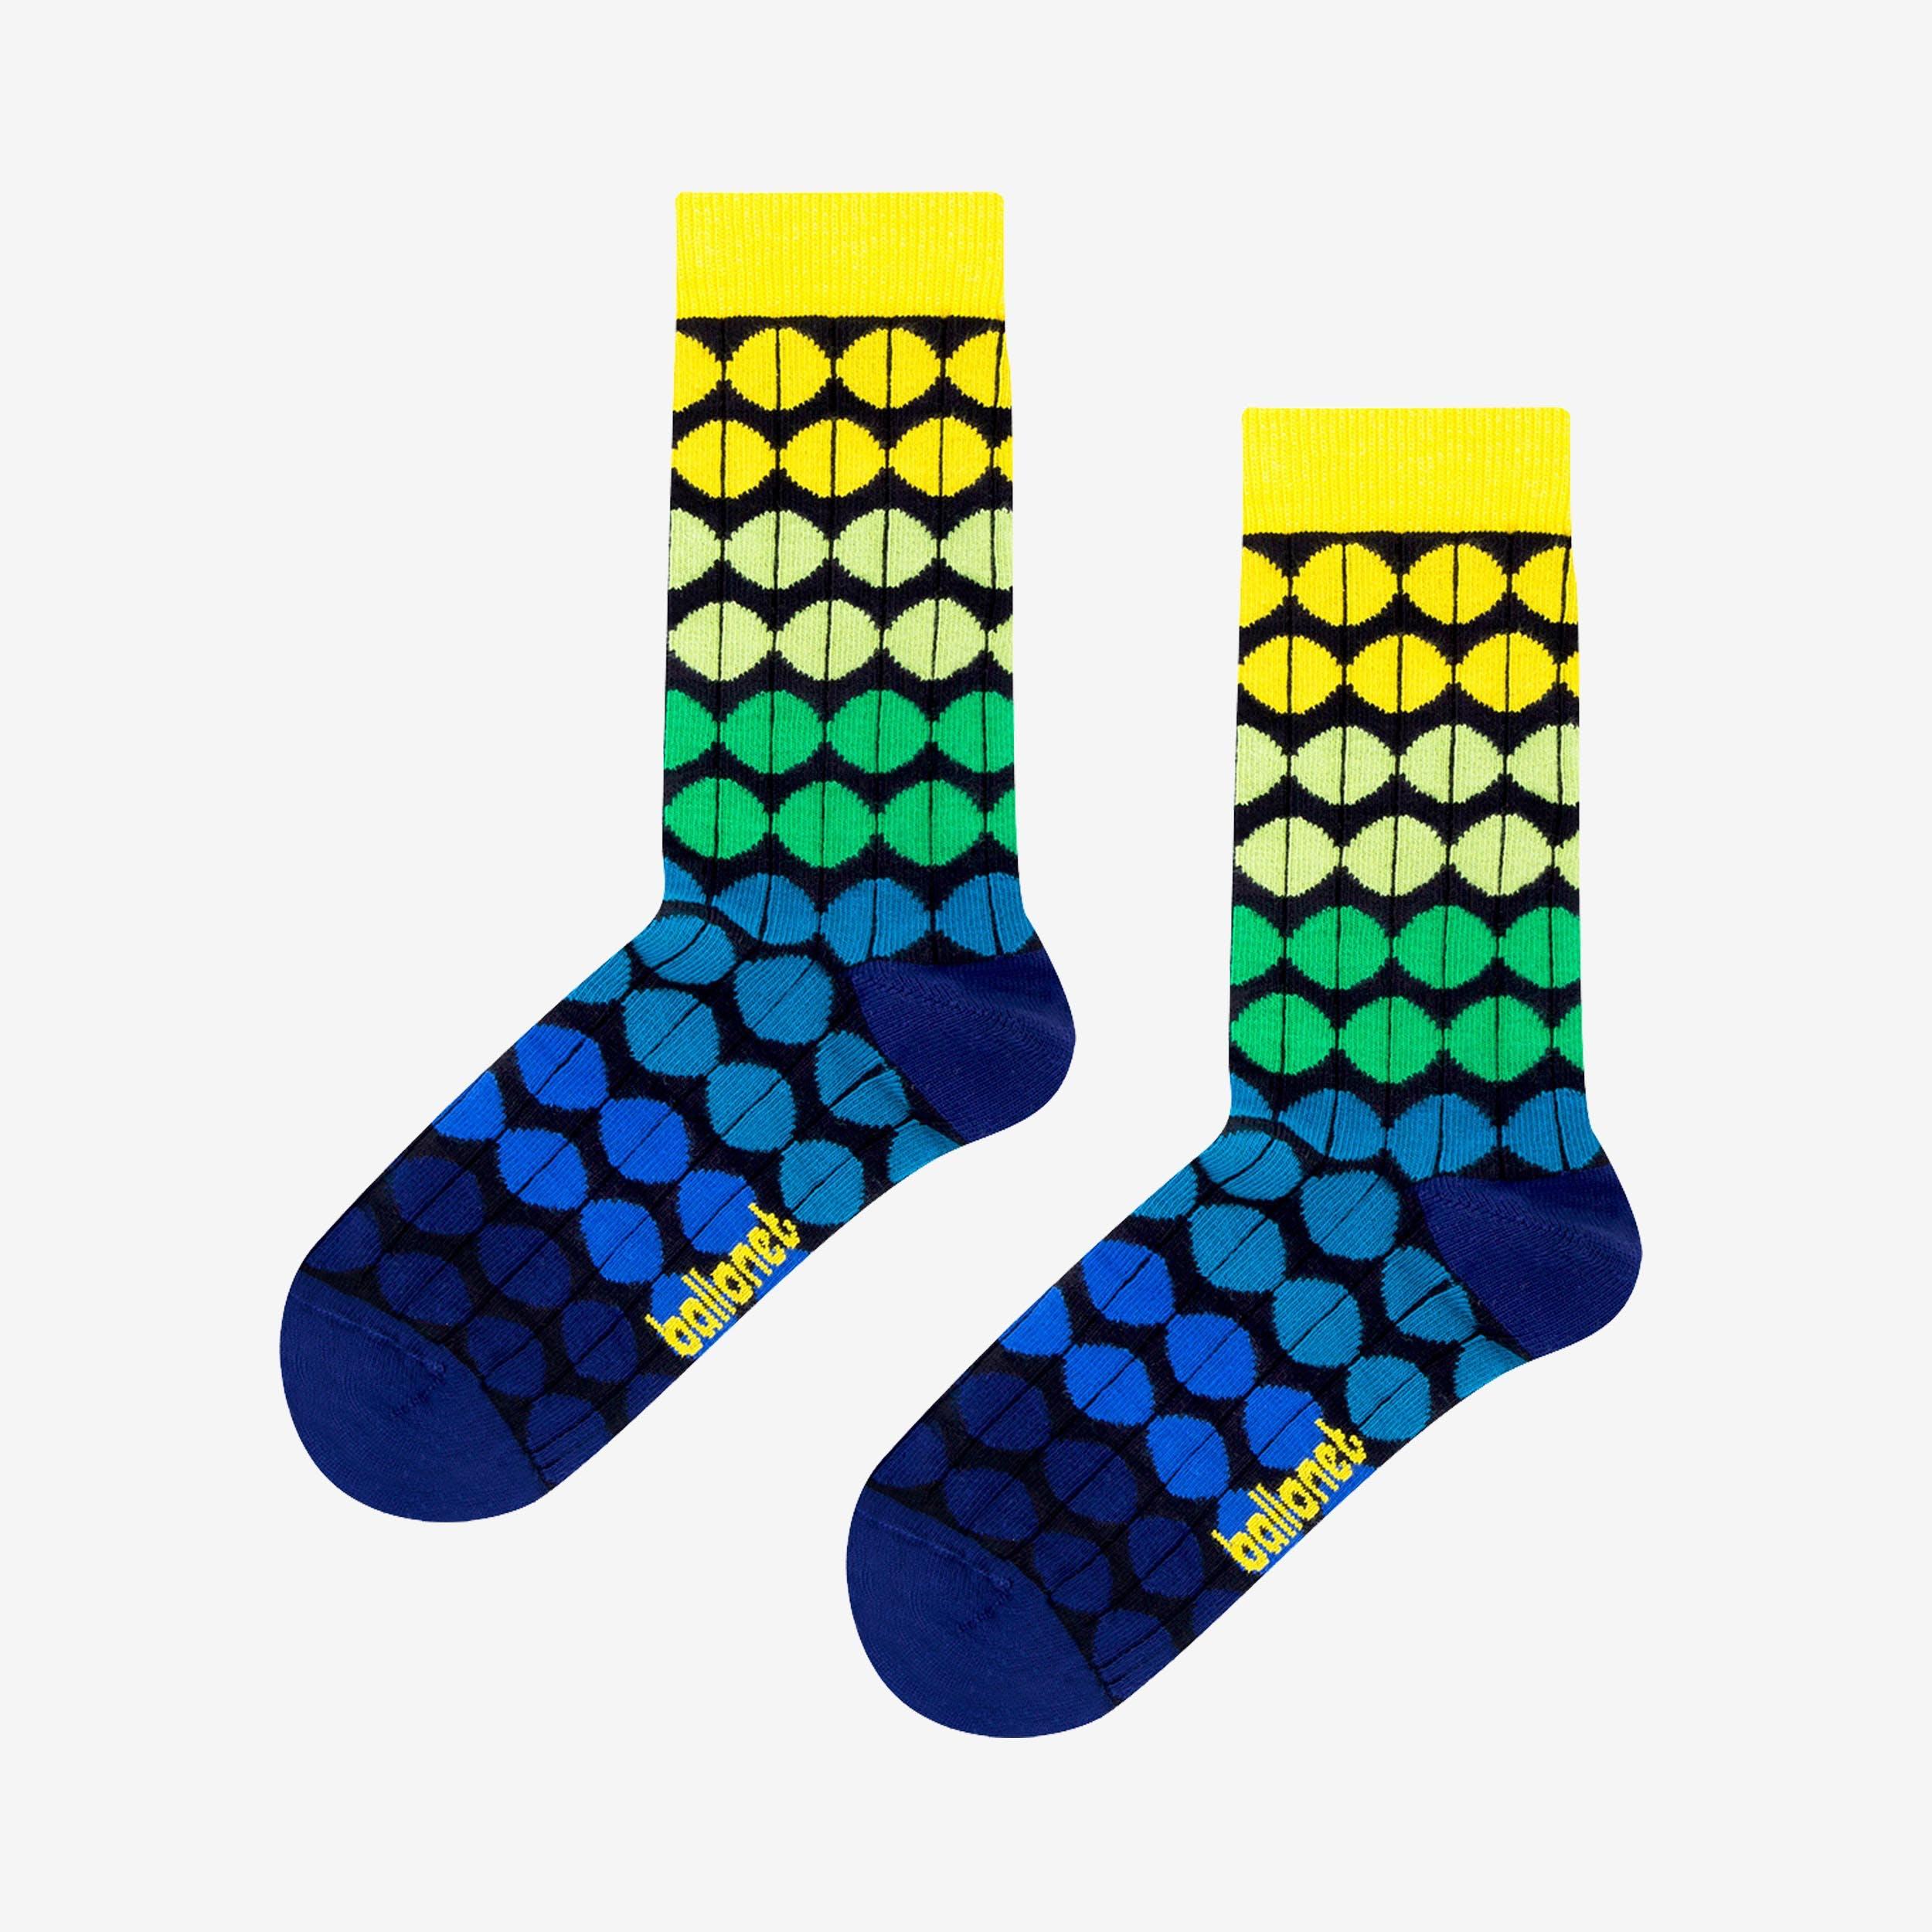 Beans Socks